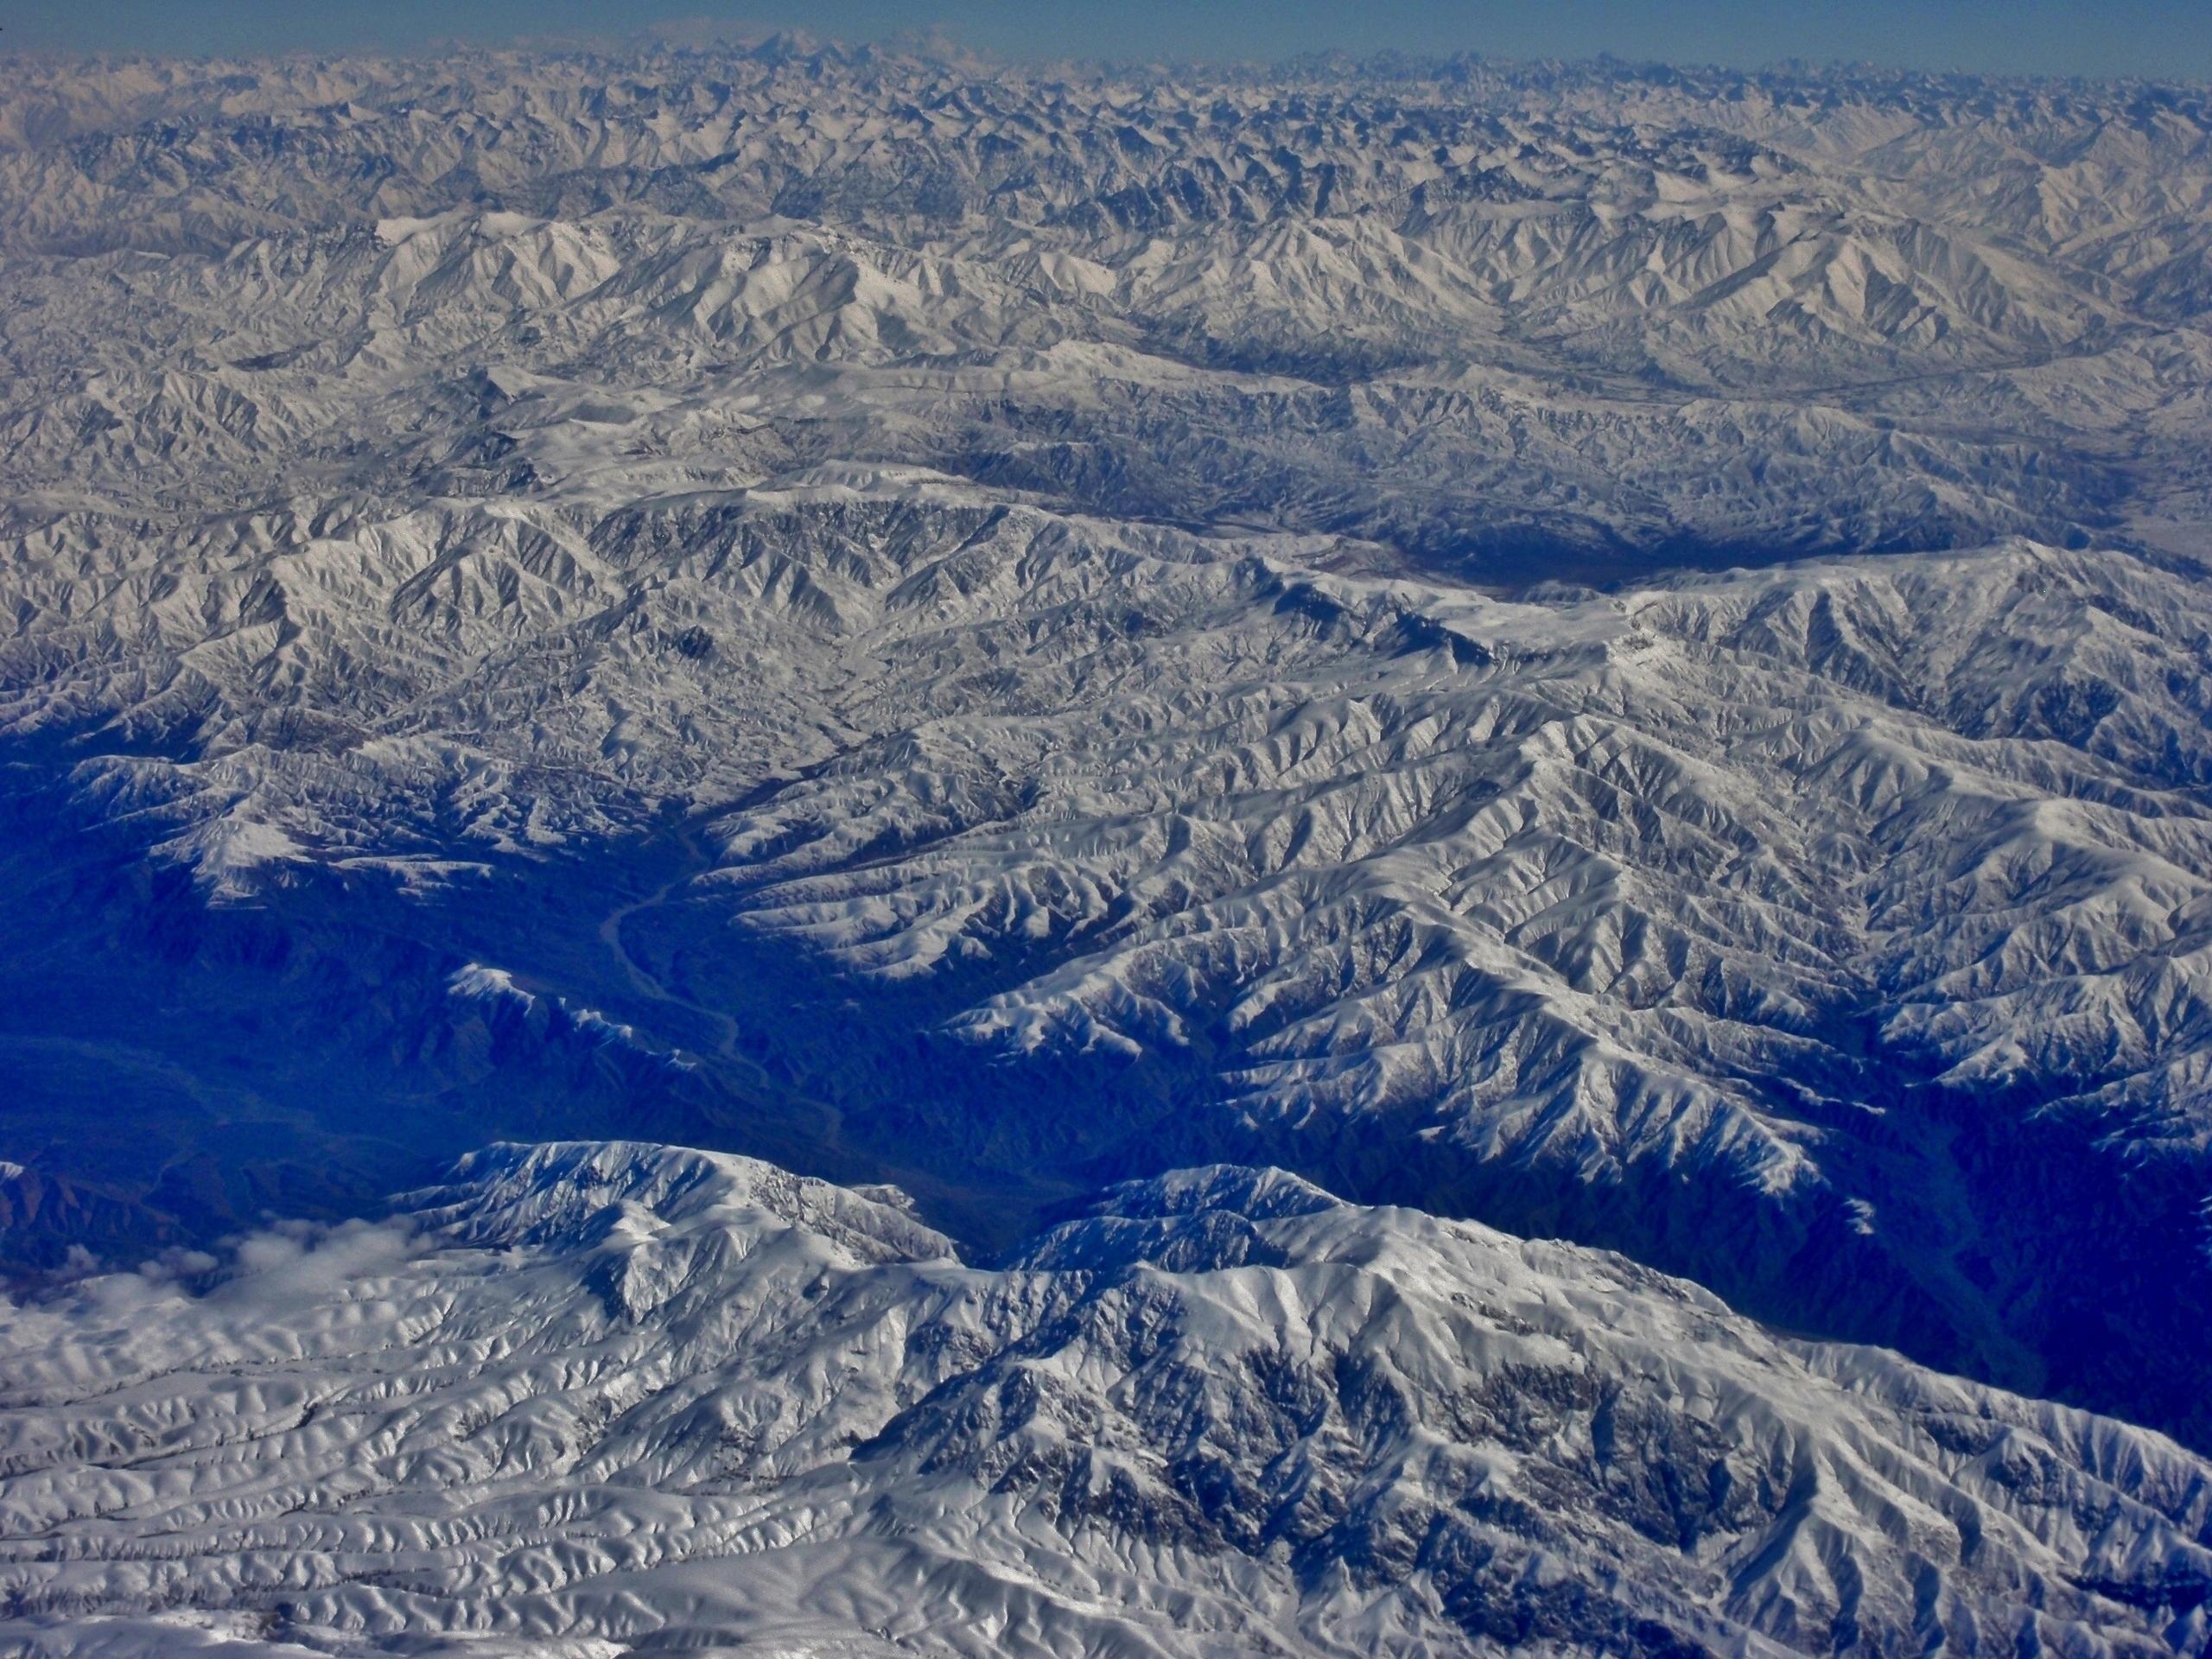 興都庫什山脈(Hindu Kush)(Paasikivi@Wikipedia / CC BY-SA 3.0)